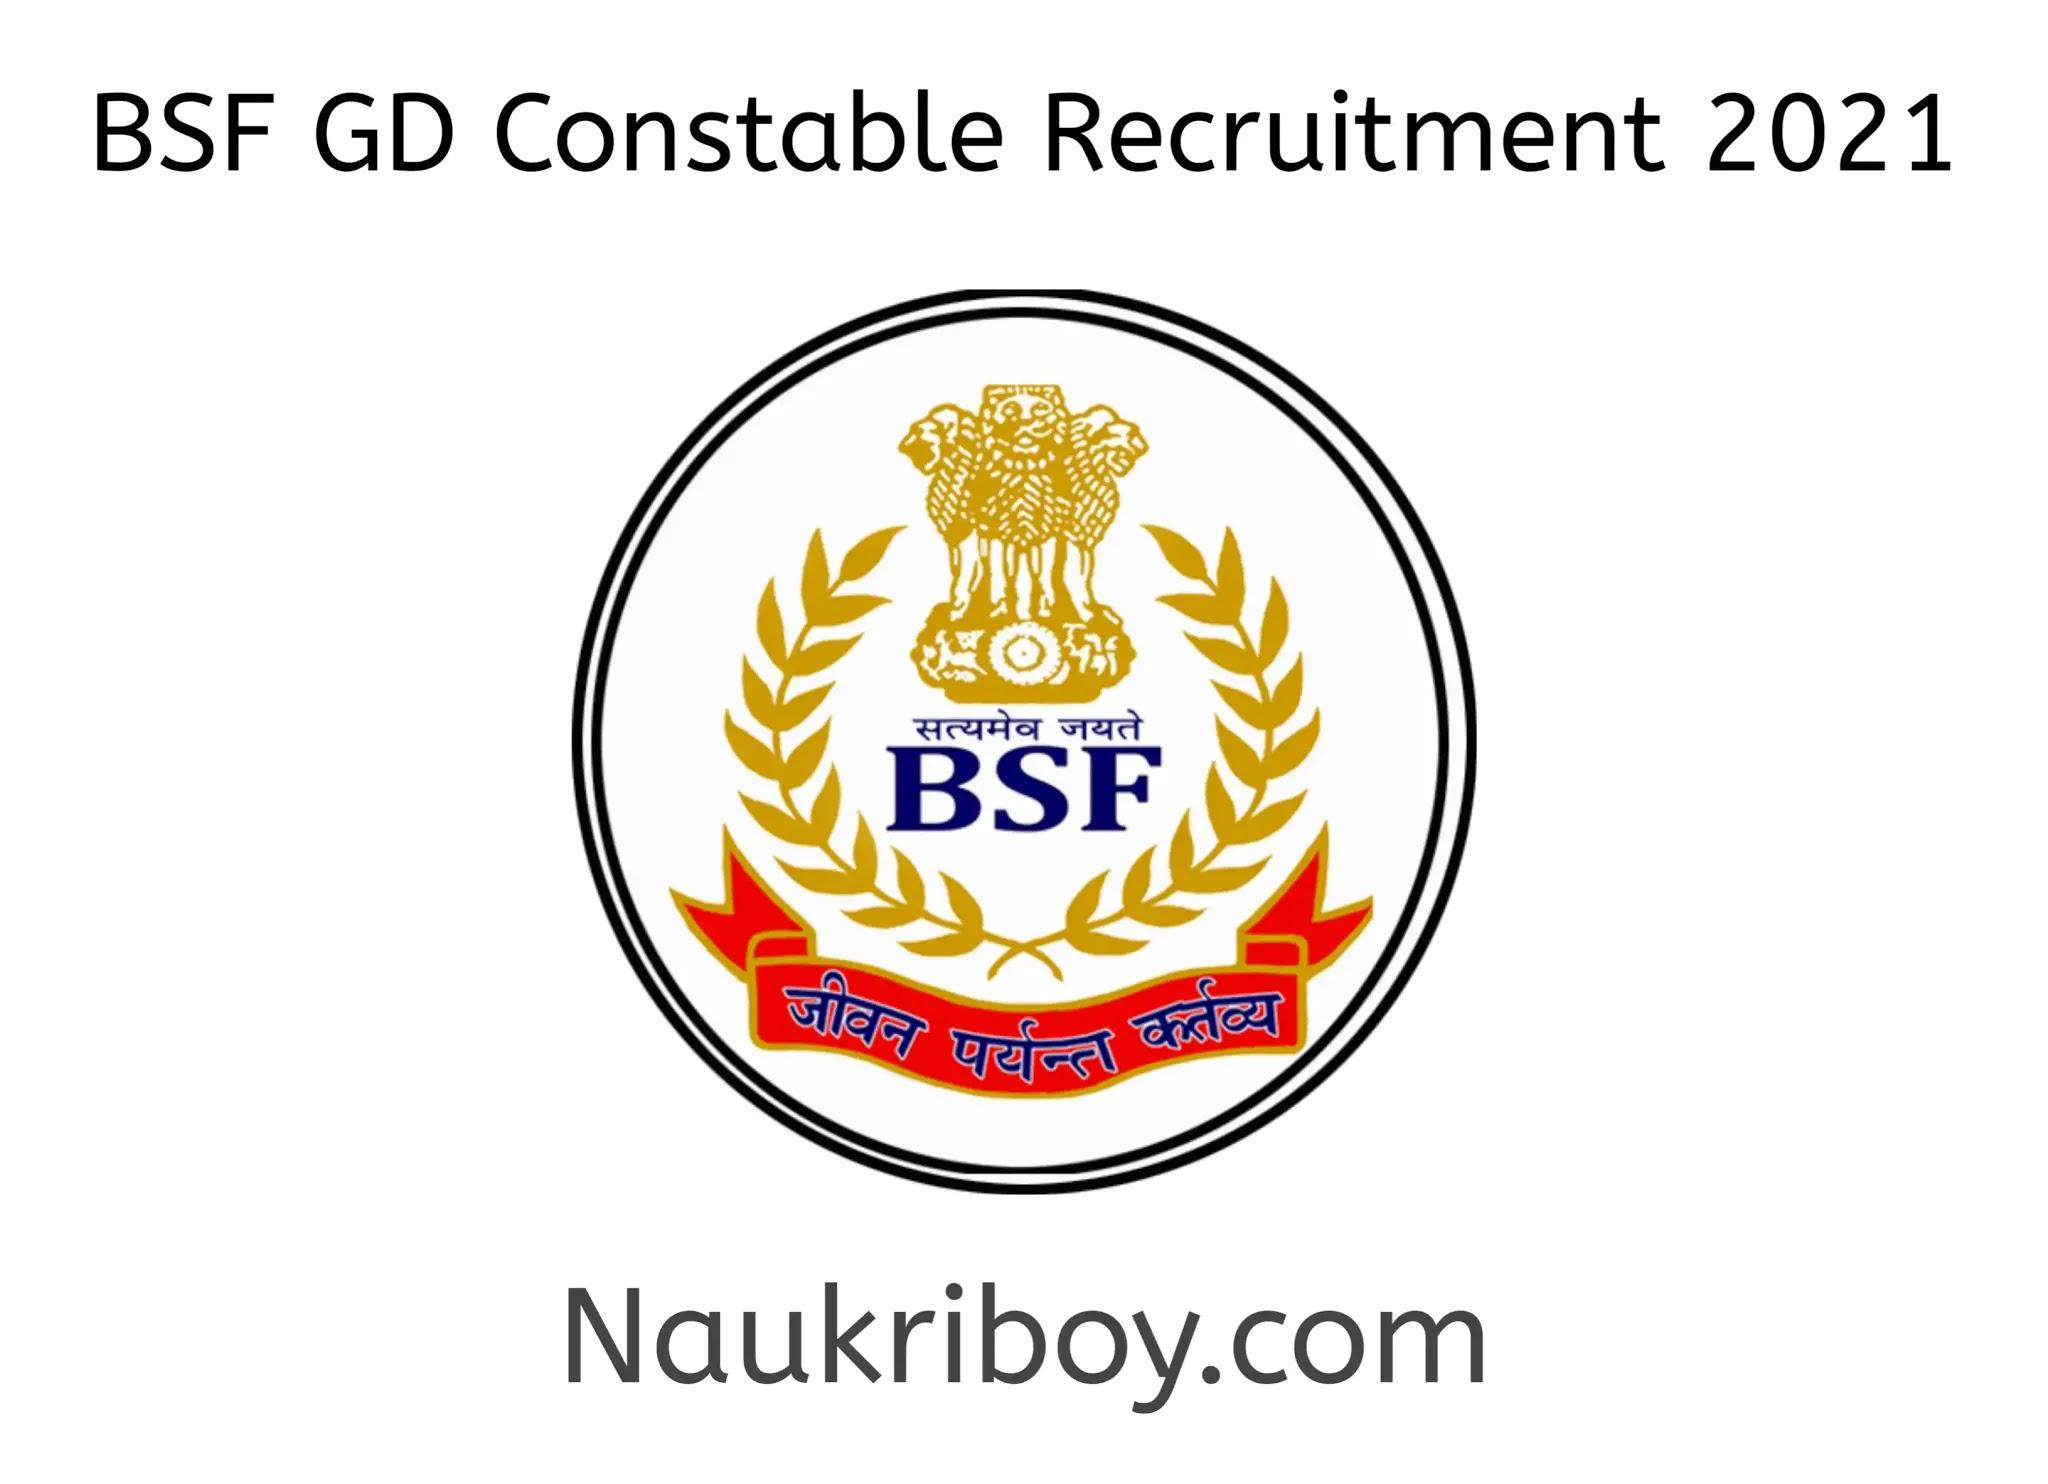 bsf gd constable recruitment 2021 bsf gd constable job details in hindi bsf gd constable bsf gd recruitment 2021 bsf gd constable recruitment 2021 bsf gd constable bharti 2021 bsf gd naukriboy.com naukriboy.com naukri boy dot com naukri boy